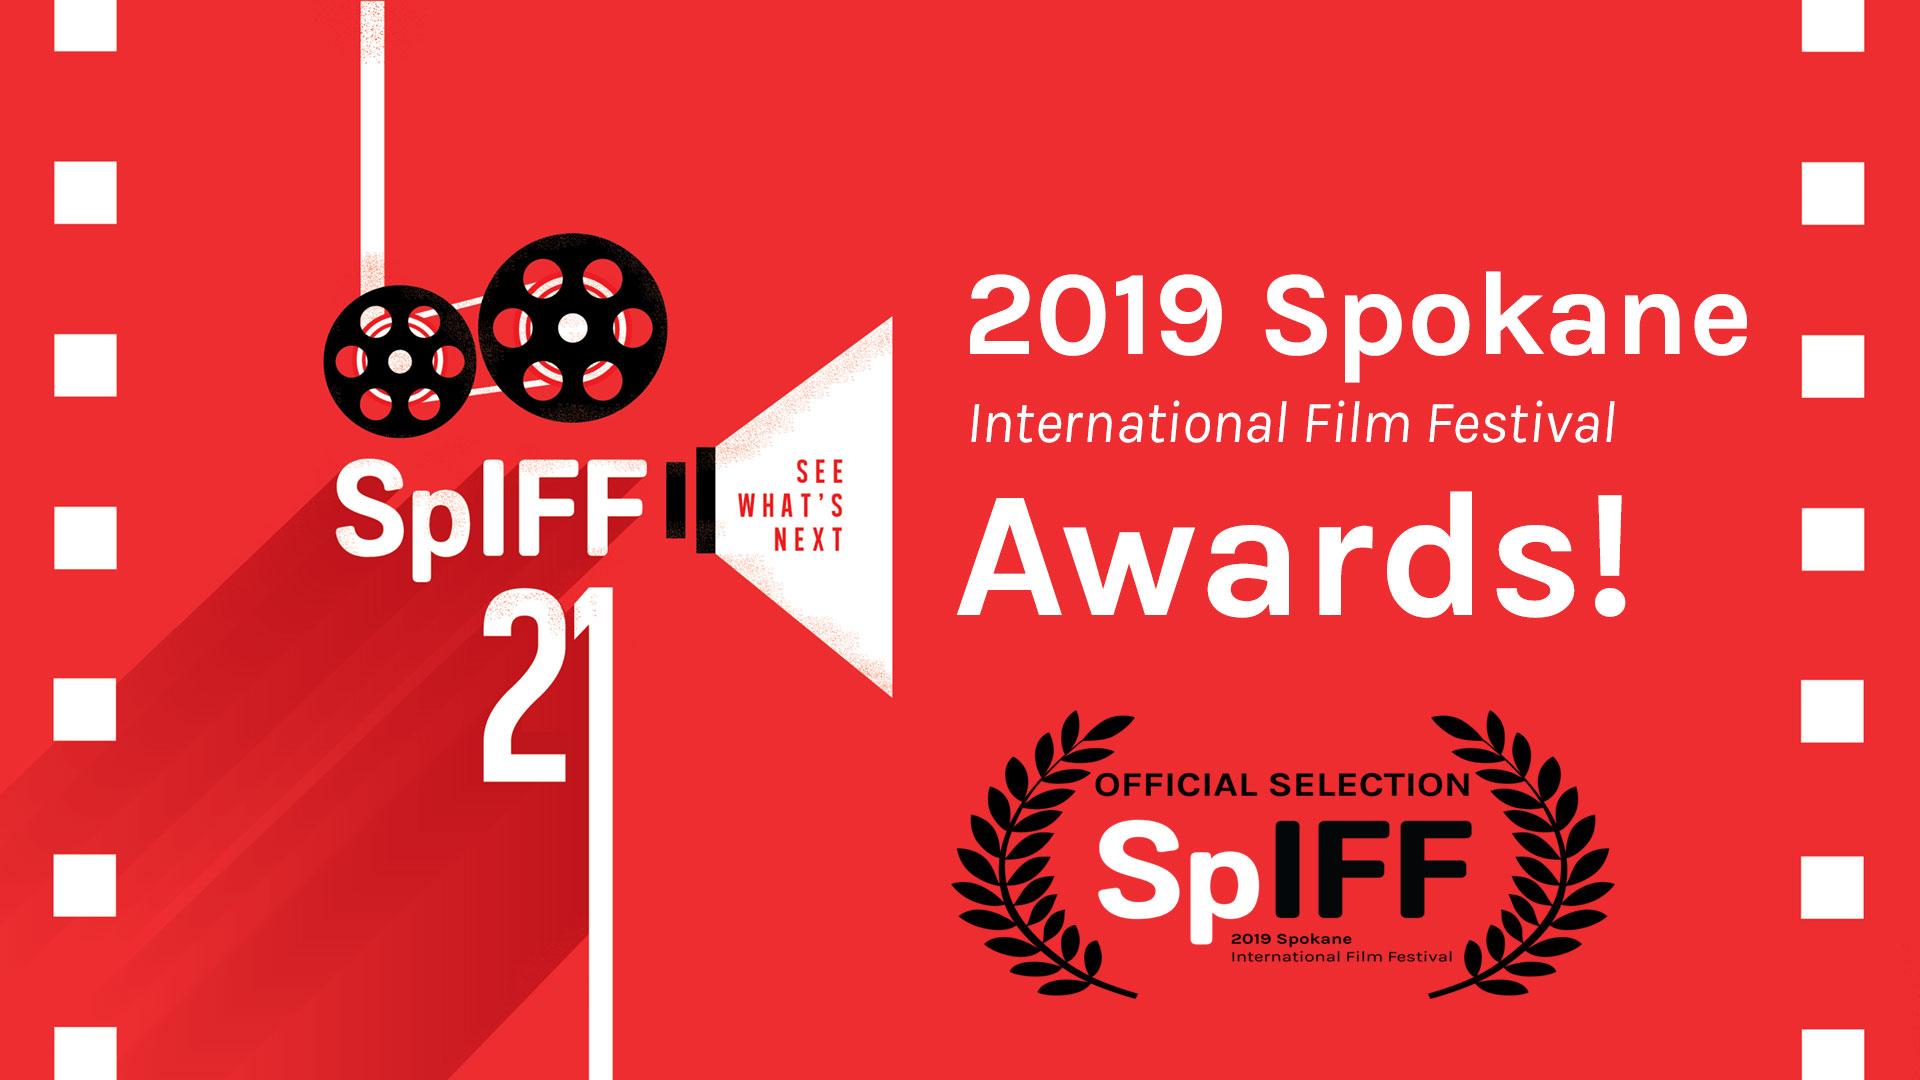 2019 SpIFF Awards